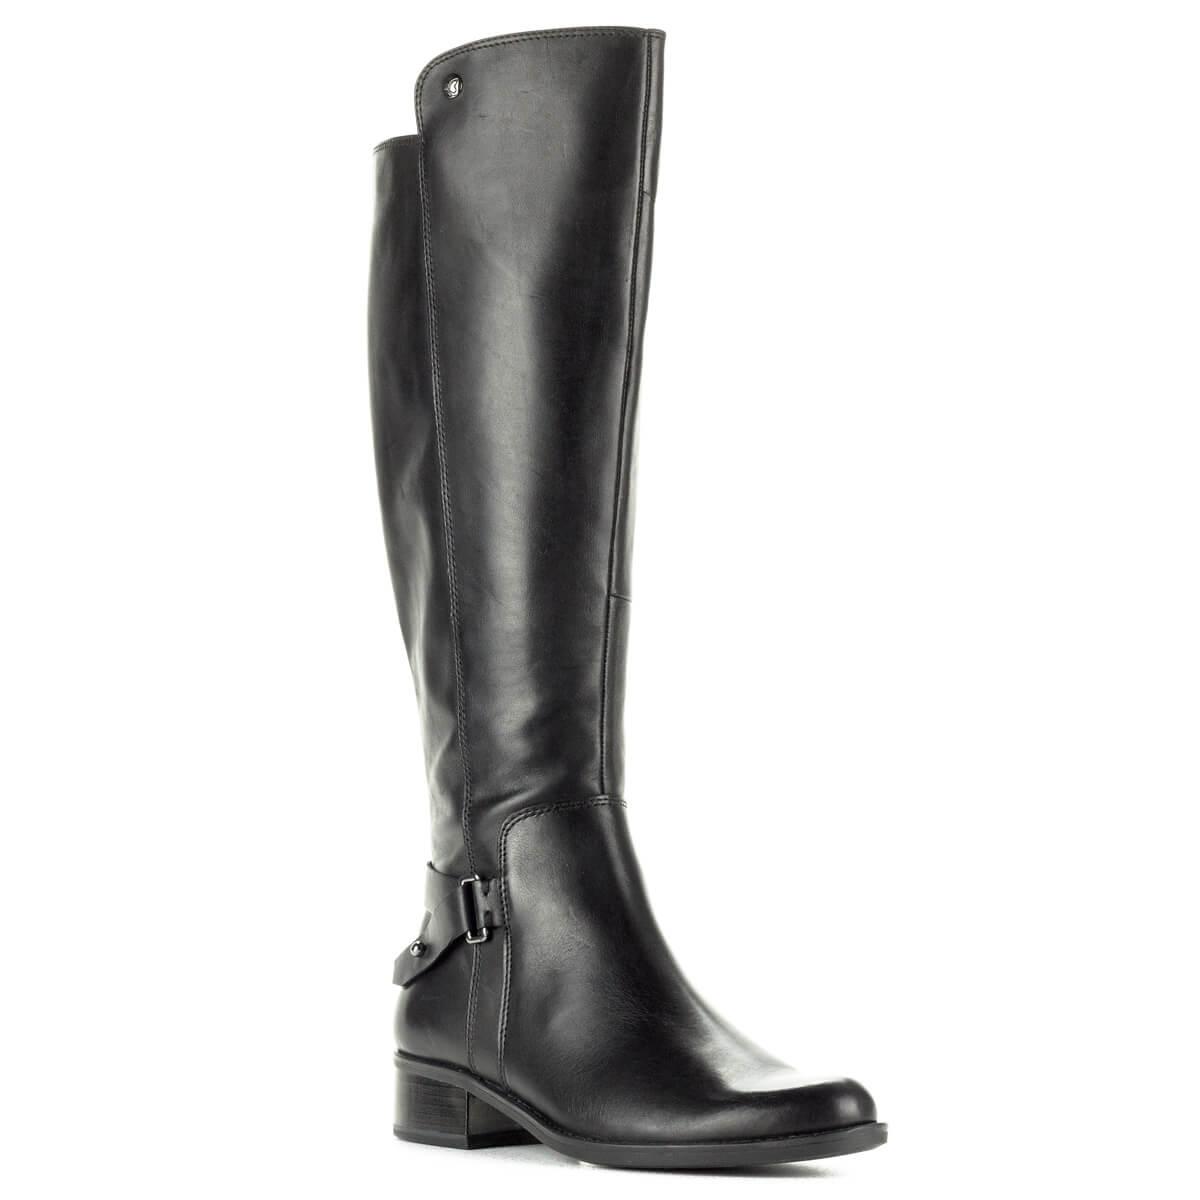 Fekete hosszúszárú Caprice bőr csizma vastag gumi talppal. A csizma bélése a Caprice-tól megszokott puha plüss bélés, boka részen díszítés található.